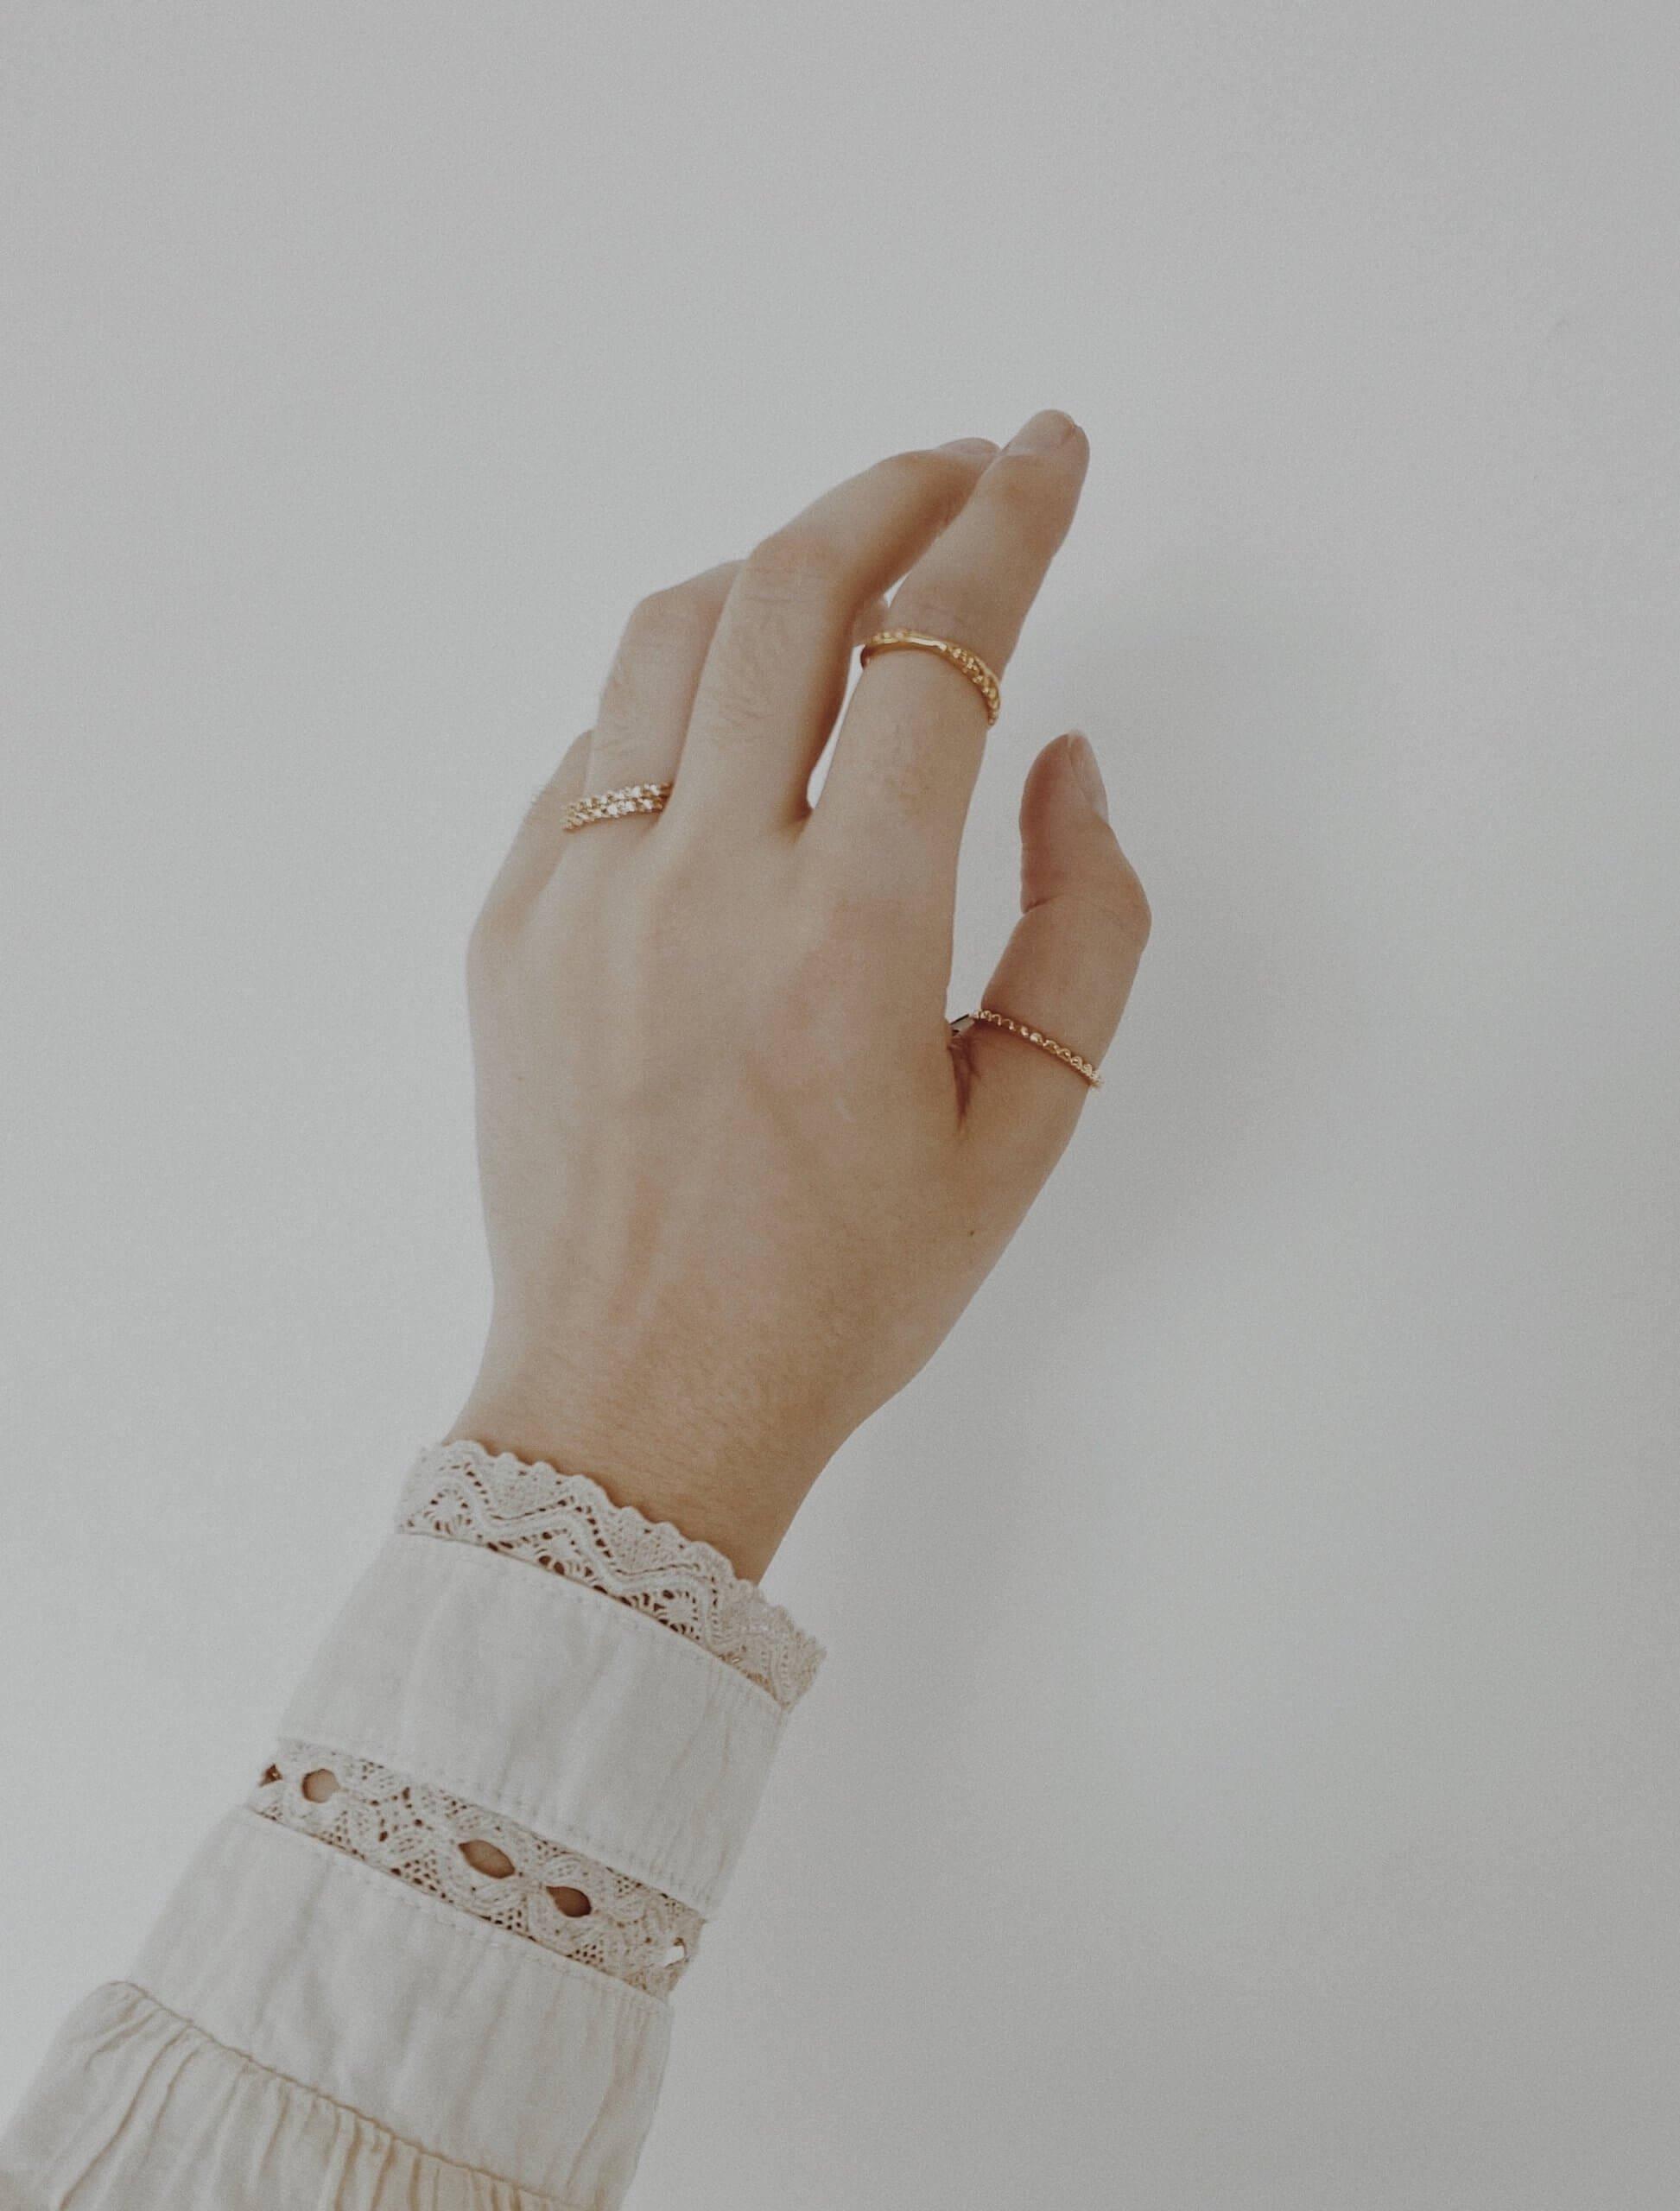 webshops voor minimalistische sieraden